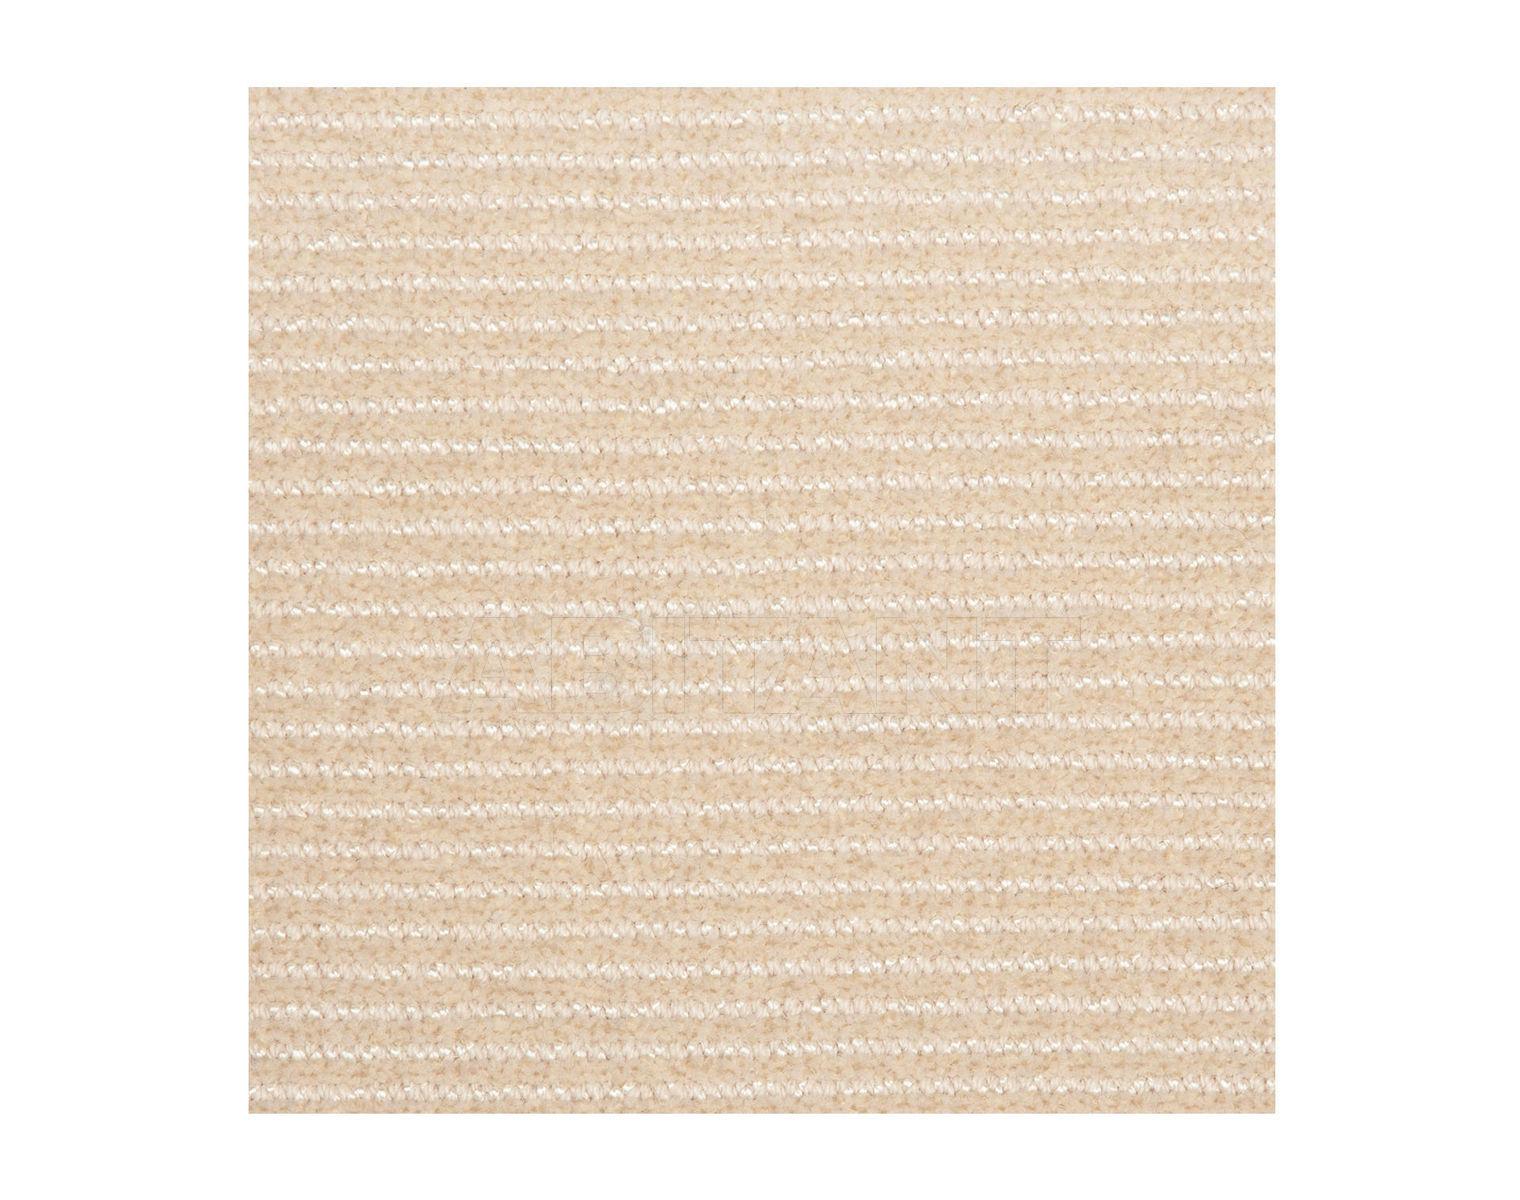 Купить Ковролин M.I.D. CarpetsB.V. Marine Edition Soie de Marillo 23 20c6